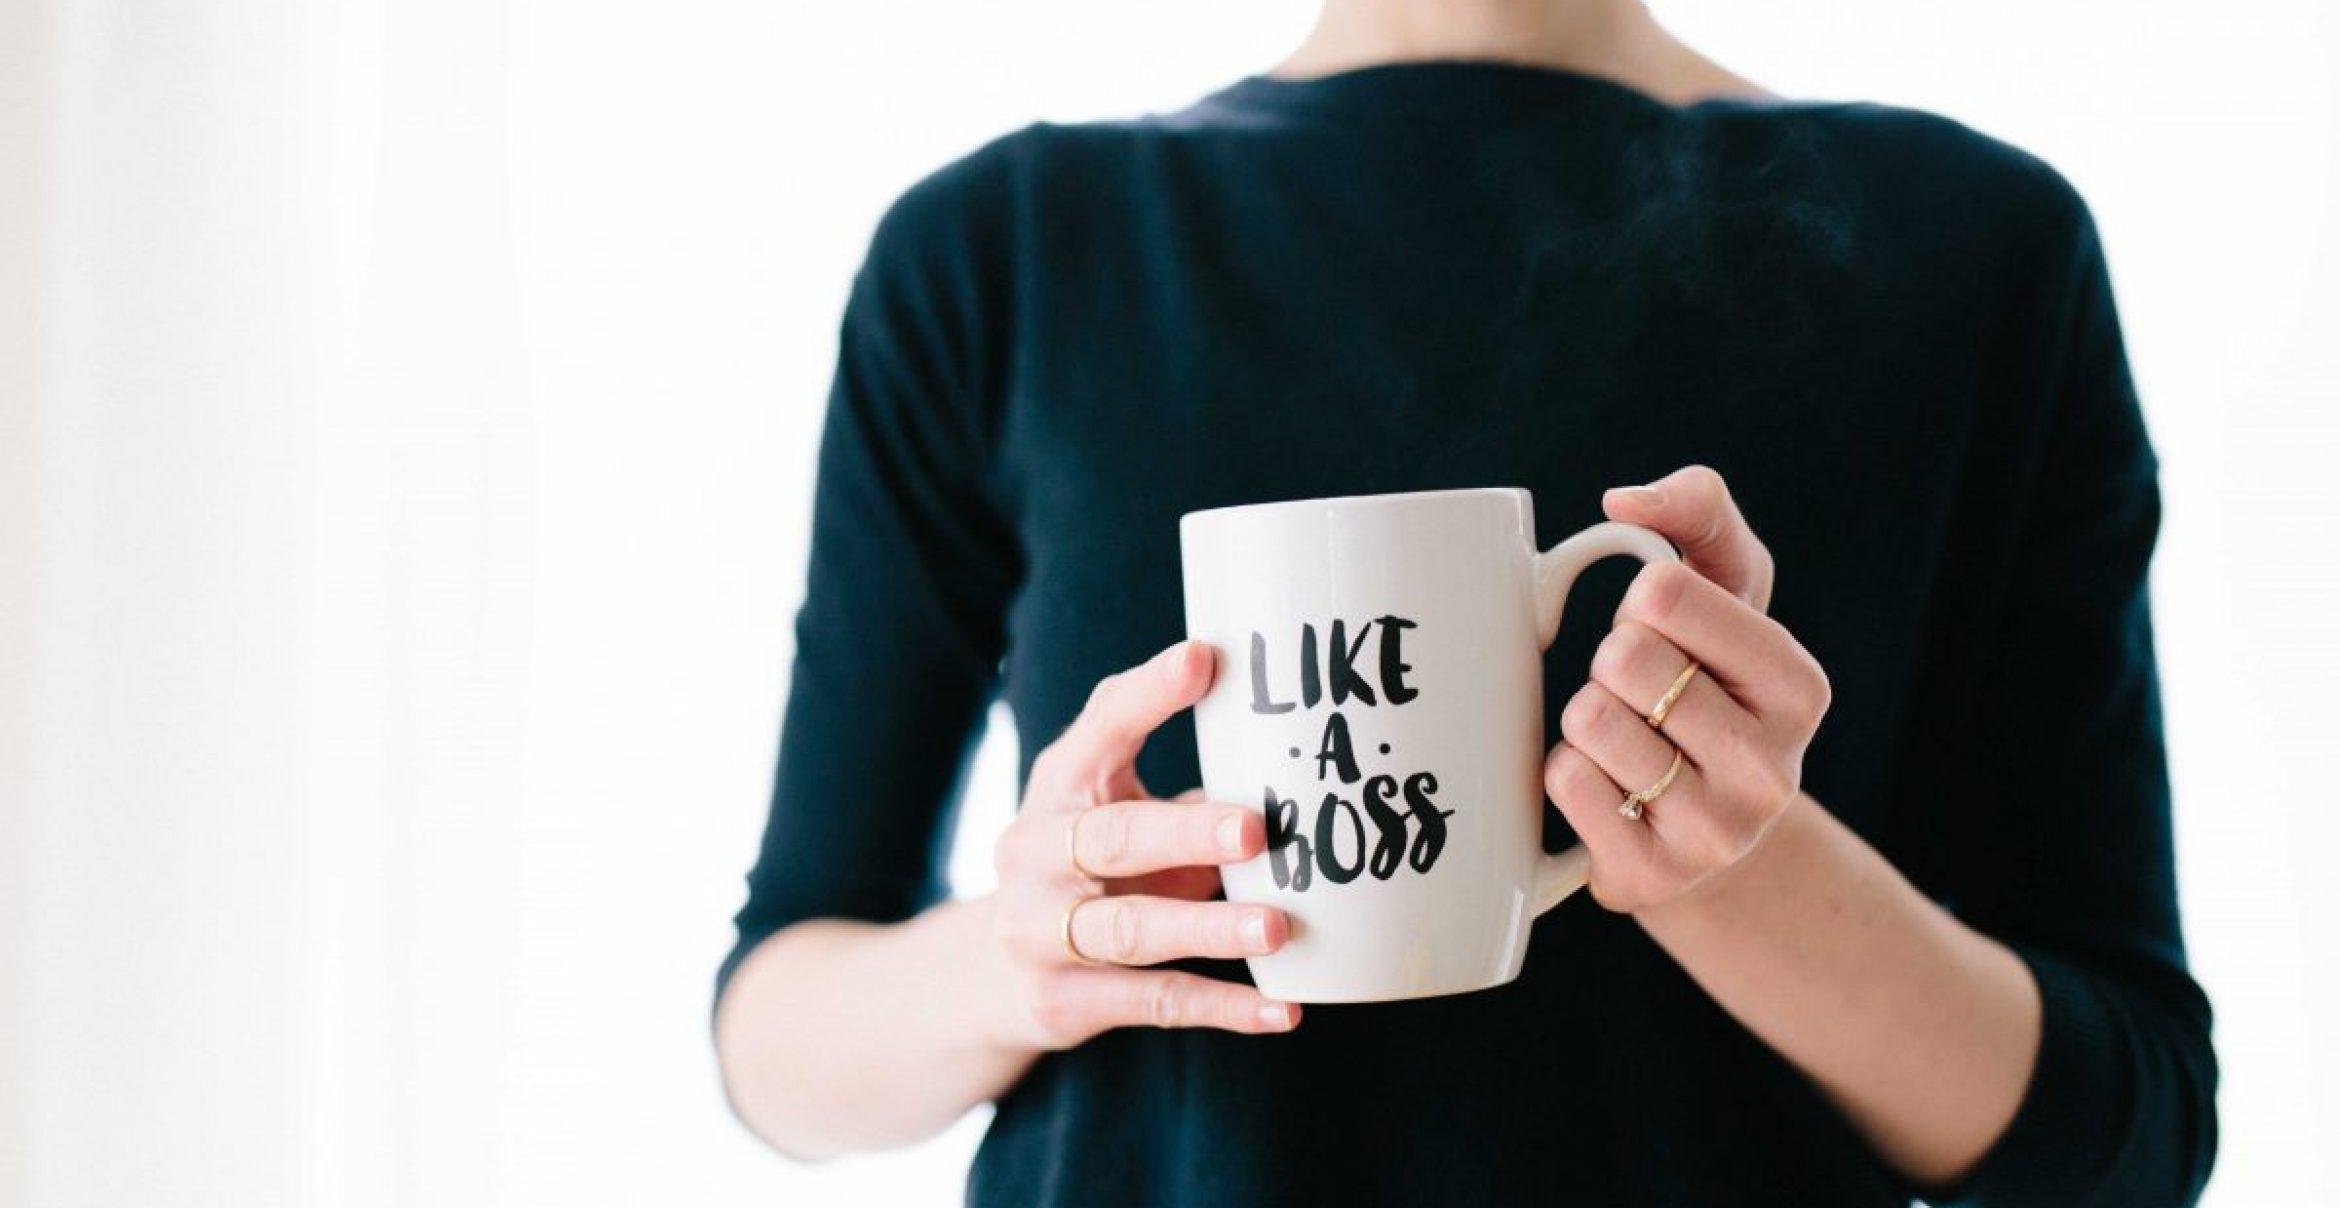 Bad News: Wie du als Führungskraft schlechte Nachrichten überbringen kannst